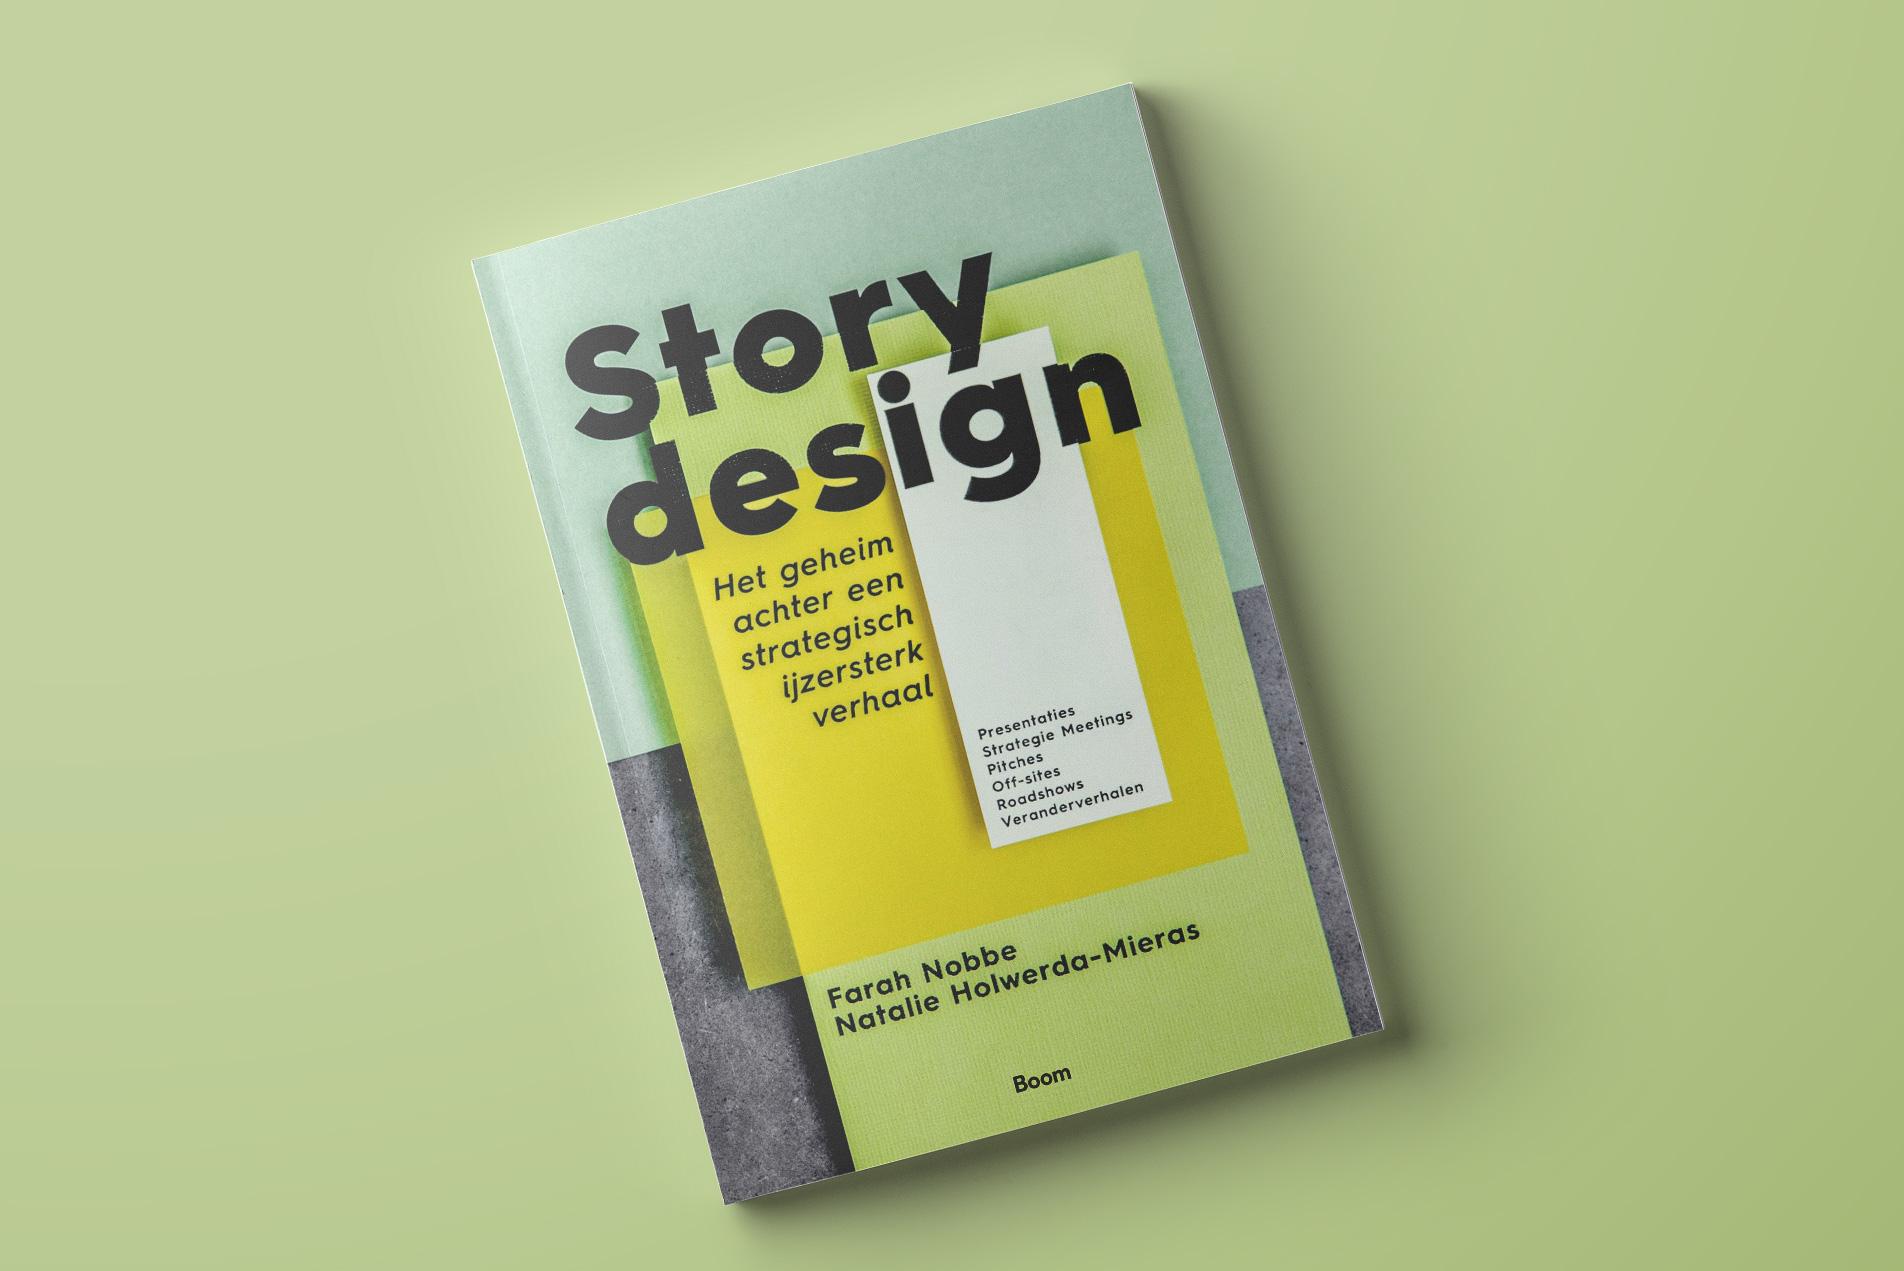 nobbemieras_storydesign_cover.jpg